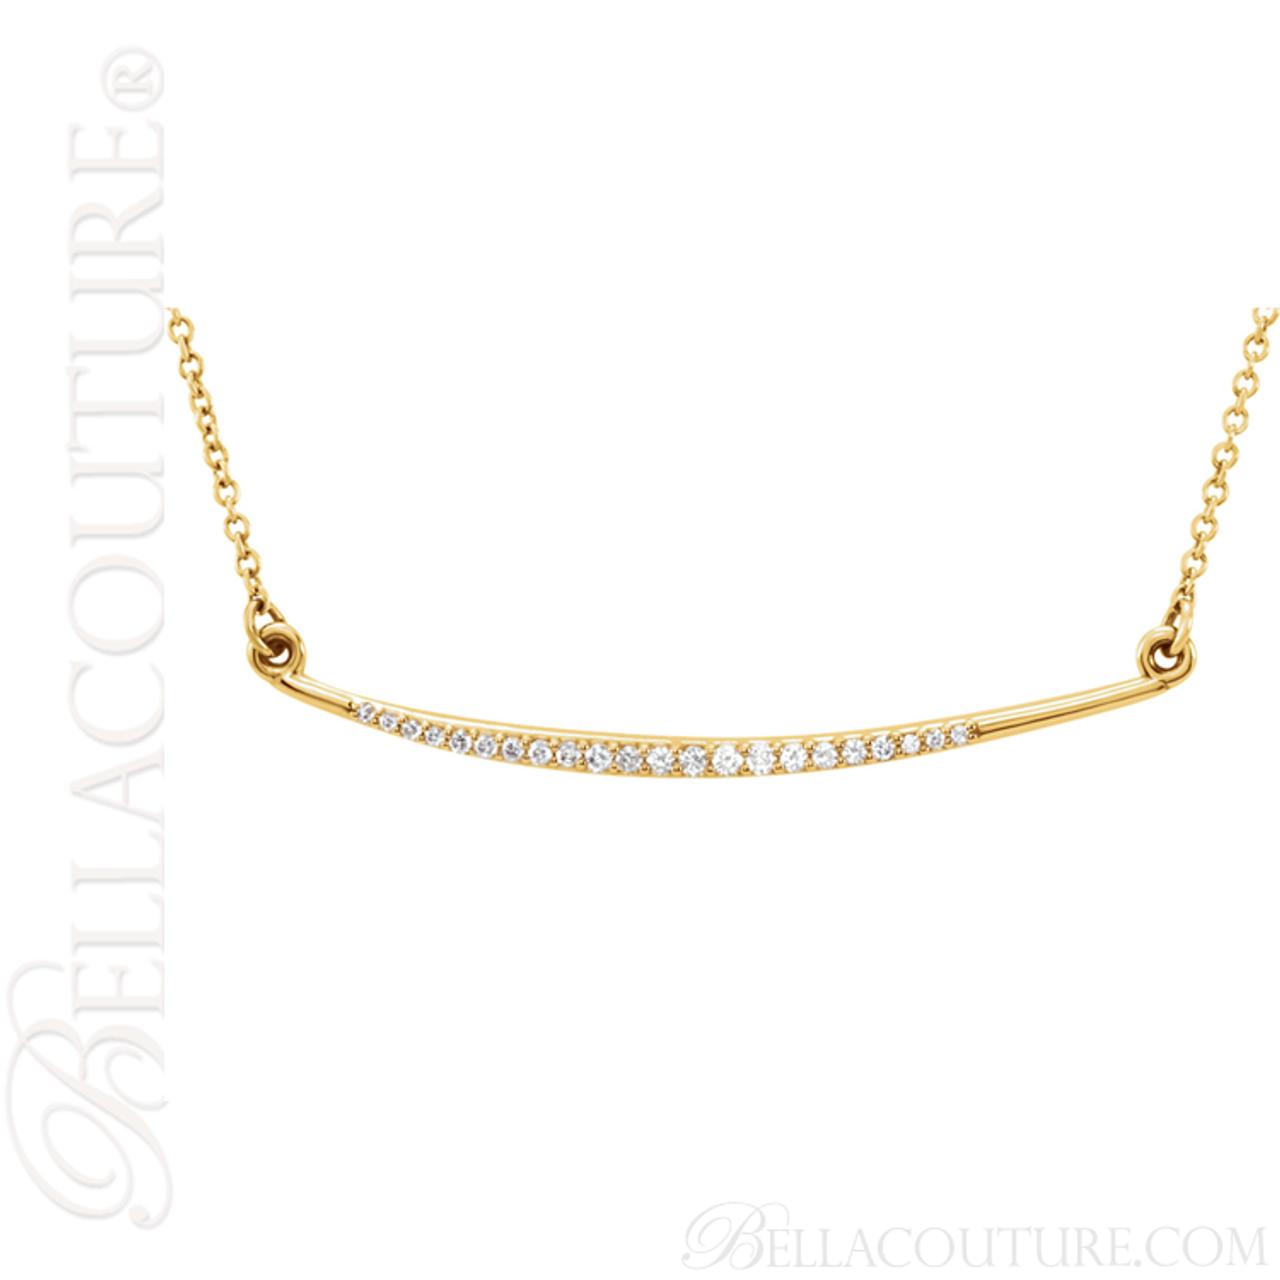 67cbf8086 (NEW) BELLA COUTURE Fine Delicate Diamond Curved Bar 14K Yellow Gold  Pendant Necklace (16